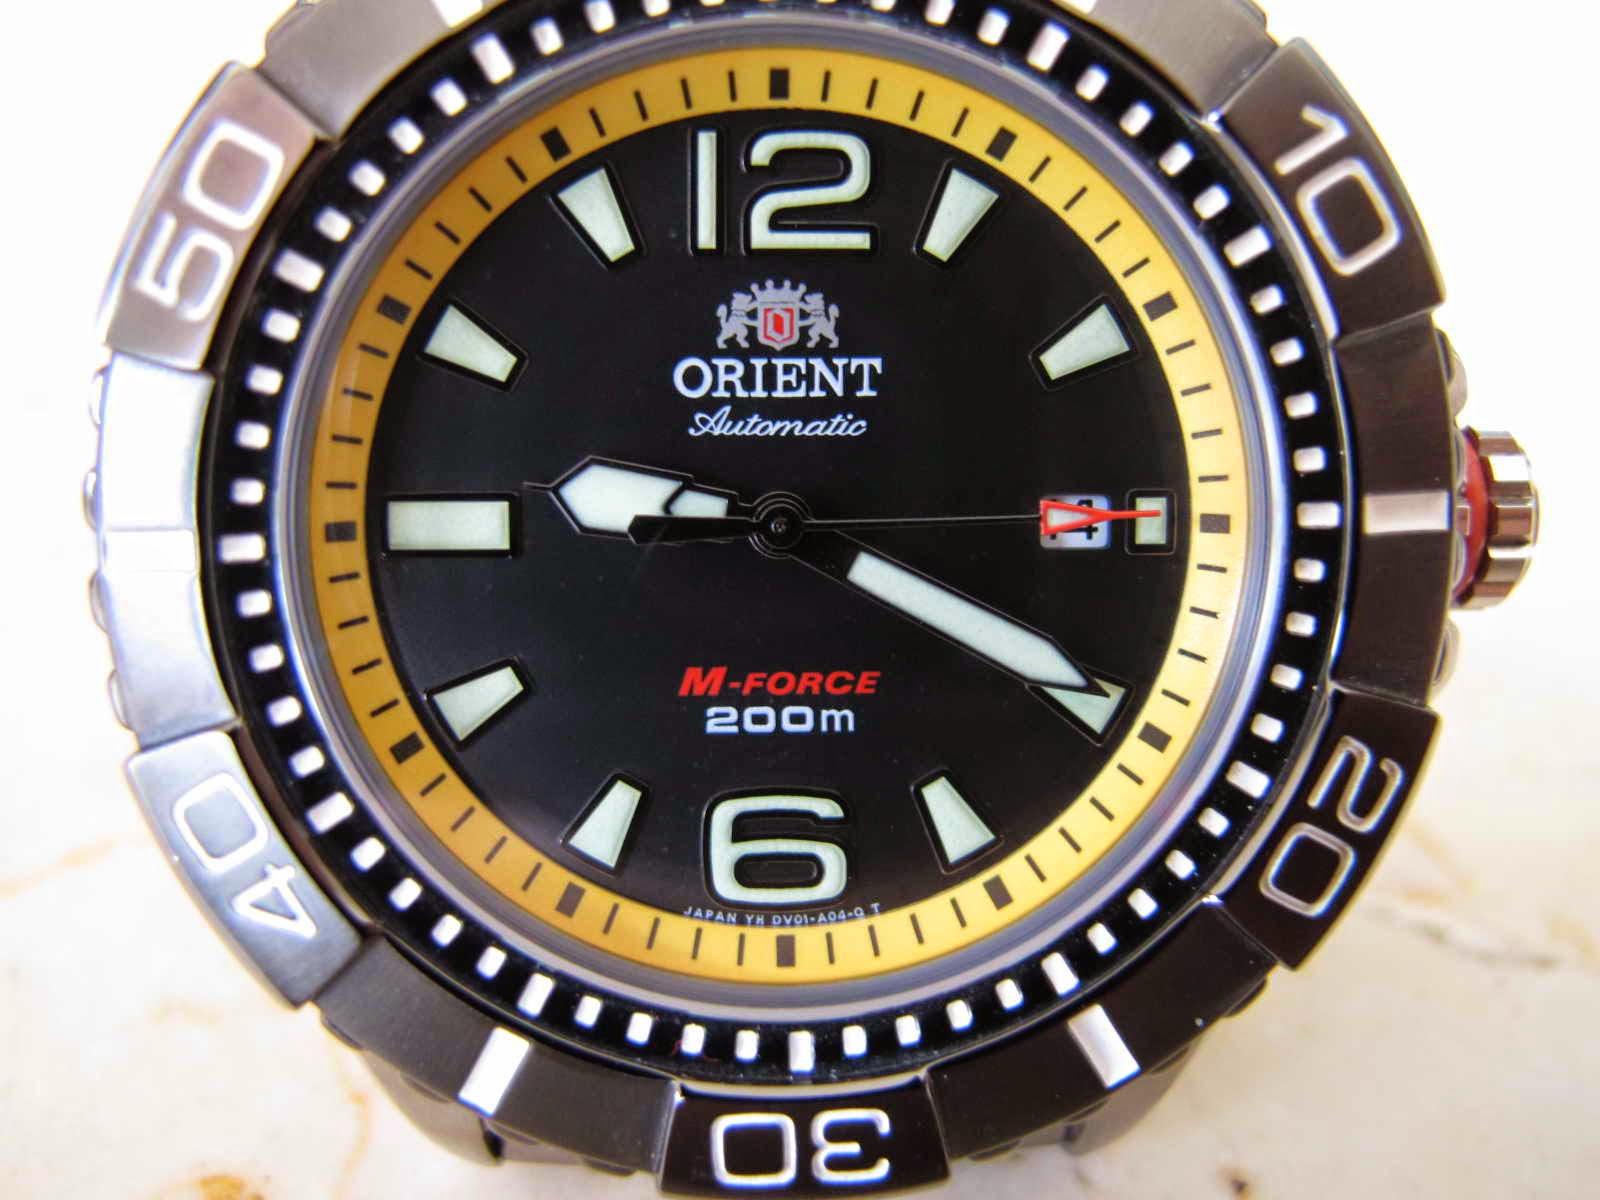 Lengkap dengan box ORIENT M FORCE Cocok untuk Anda yang sedang mencari jam tangan berbahan case TITANIUM Diver Japan made Kualitas bagus